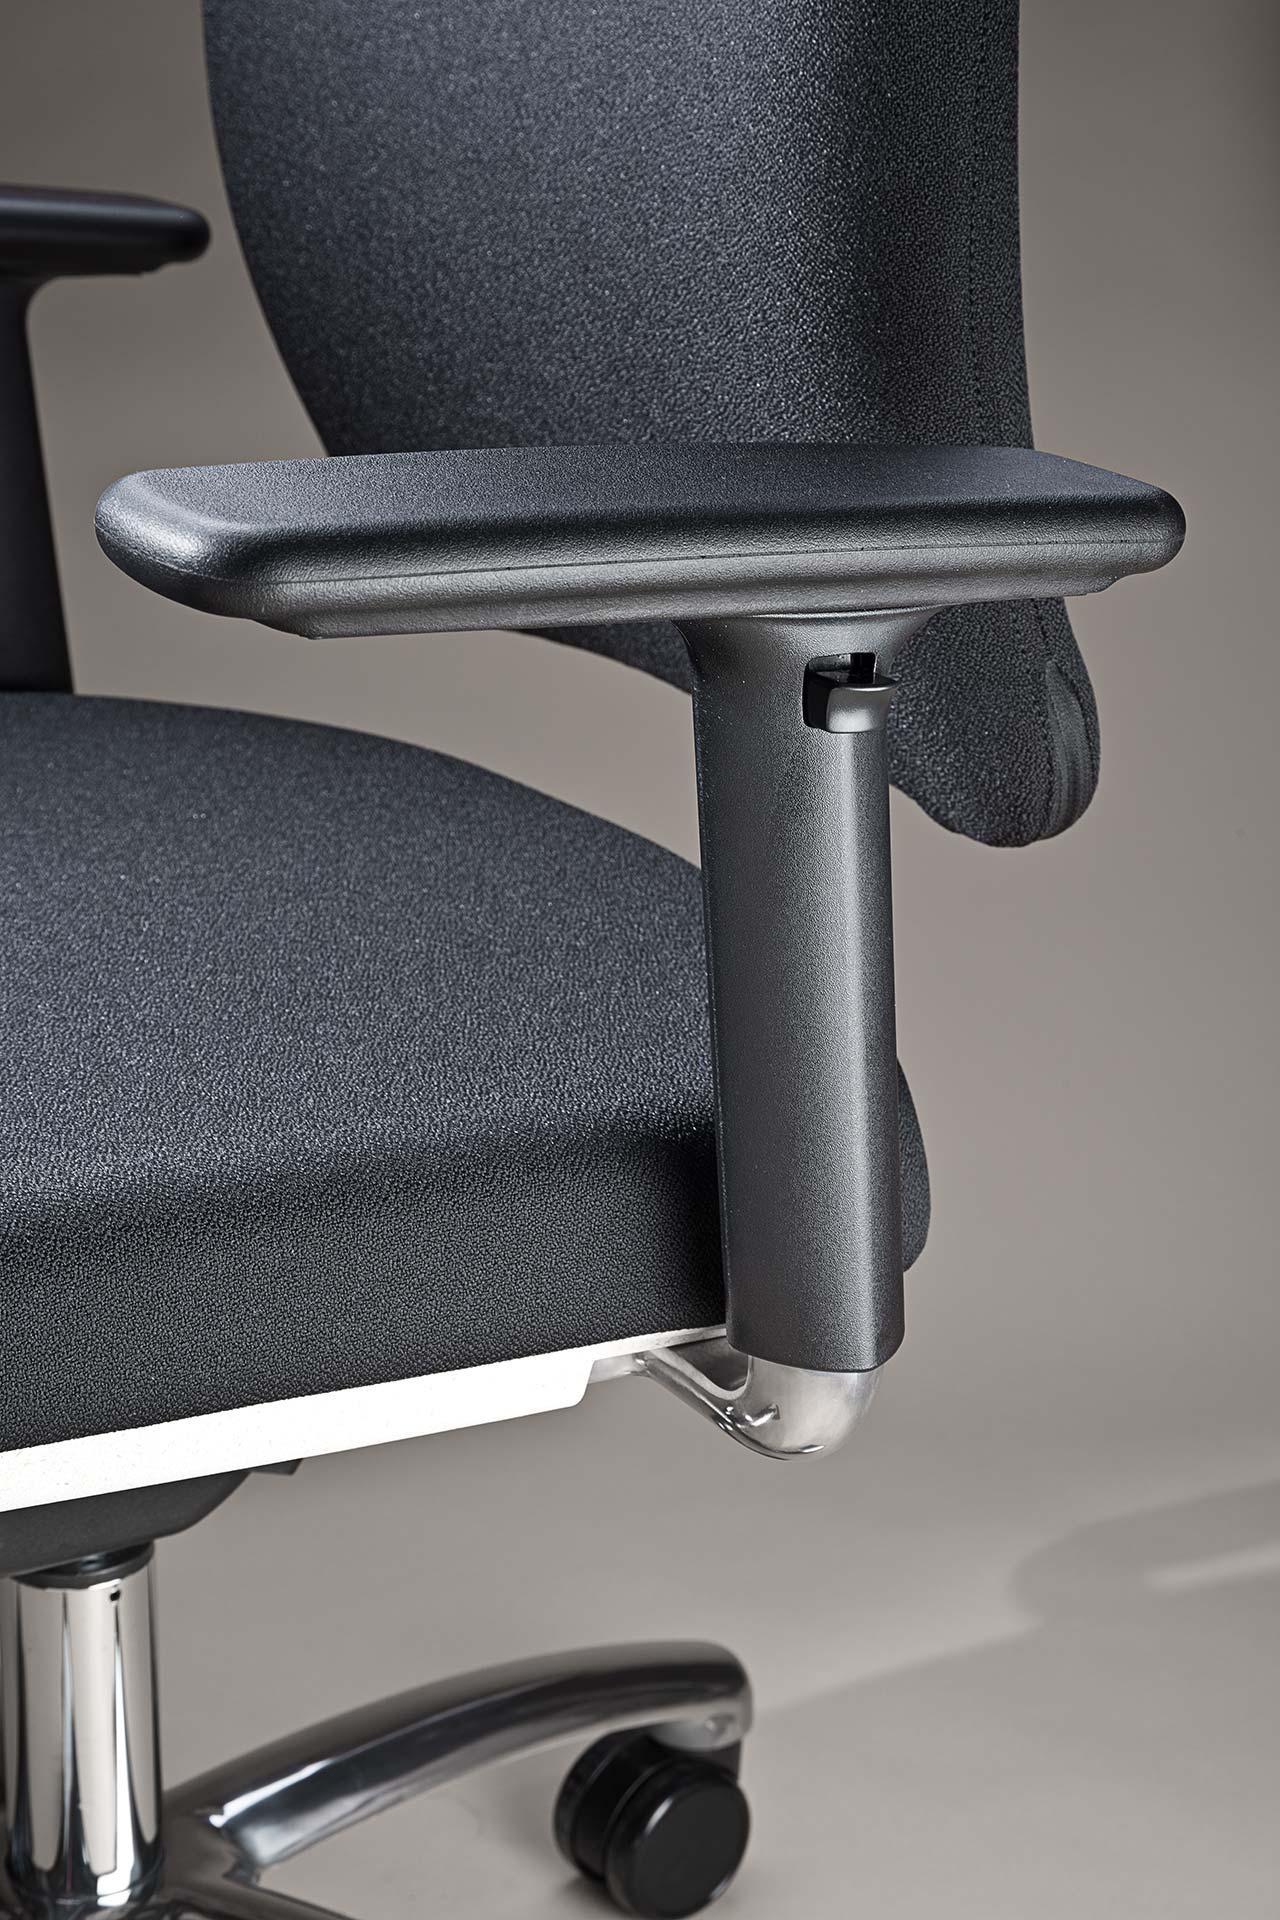 gesund arbeiten gmbh - Bürodrehstuhl motion.plus mit höhenverstellbare Armlehnen mit Aluminium-Träger